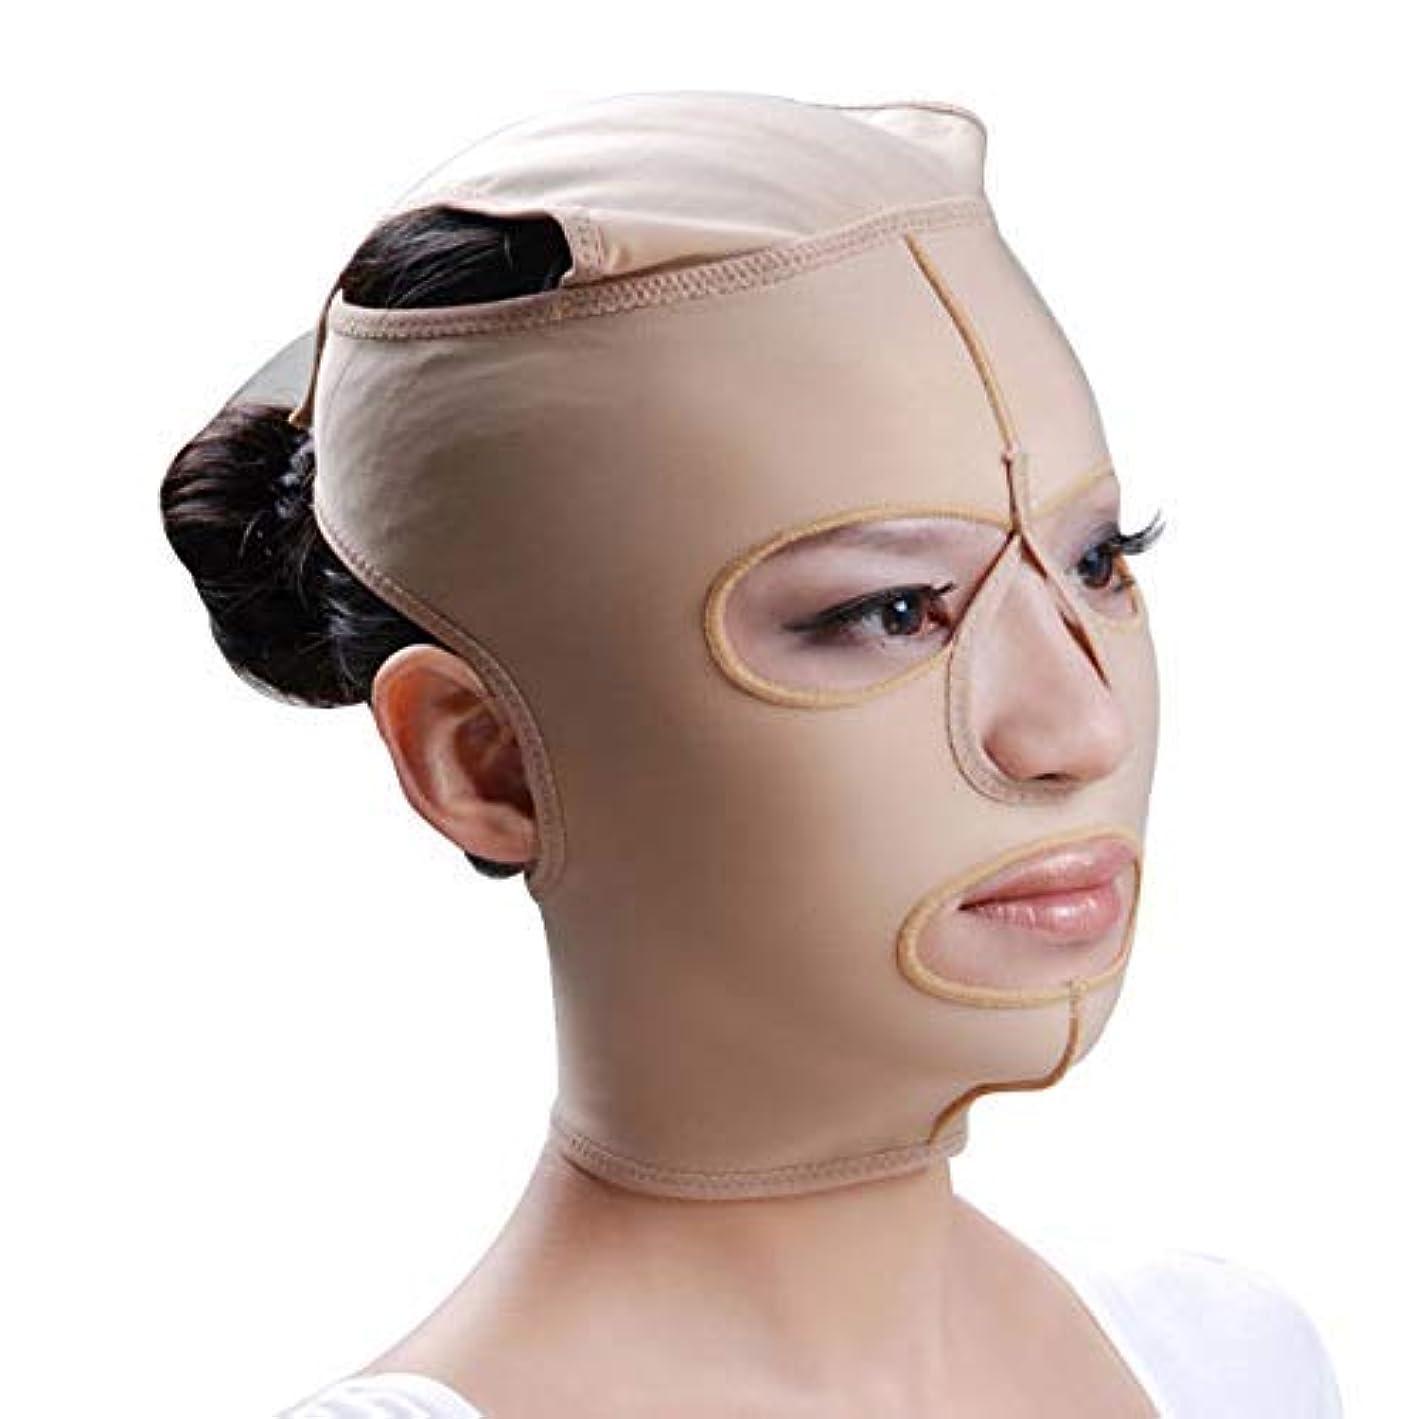 防腐剤注文新しい意味ファーミングフェイスマスク、フェイシャルマスクエラスティックフェイスリフティングリフティングファーミングパターンマイクロフィニッシングポストモデリングコンプレッションフェイスマスク(サイズ:S),M